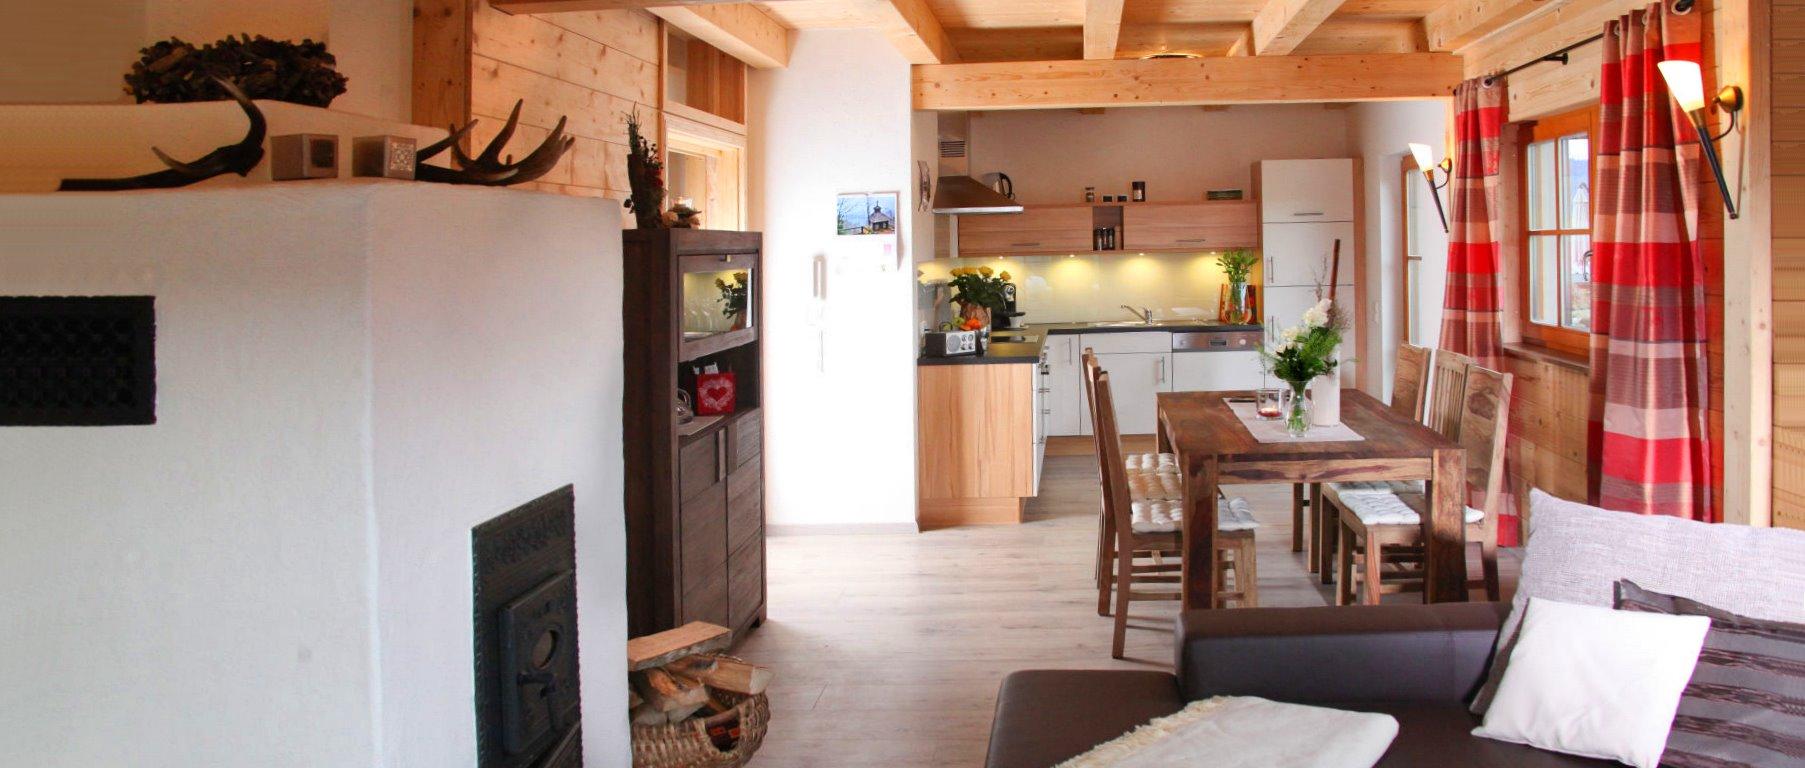 Bayerischer Wald Jagdhaus Chalet mit Kamin Ofen und Holzofen